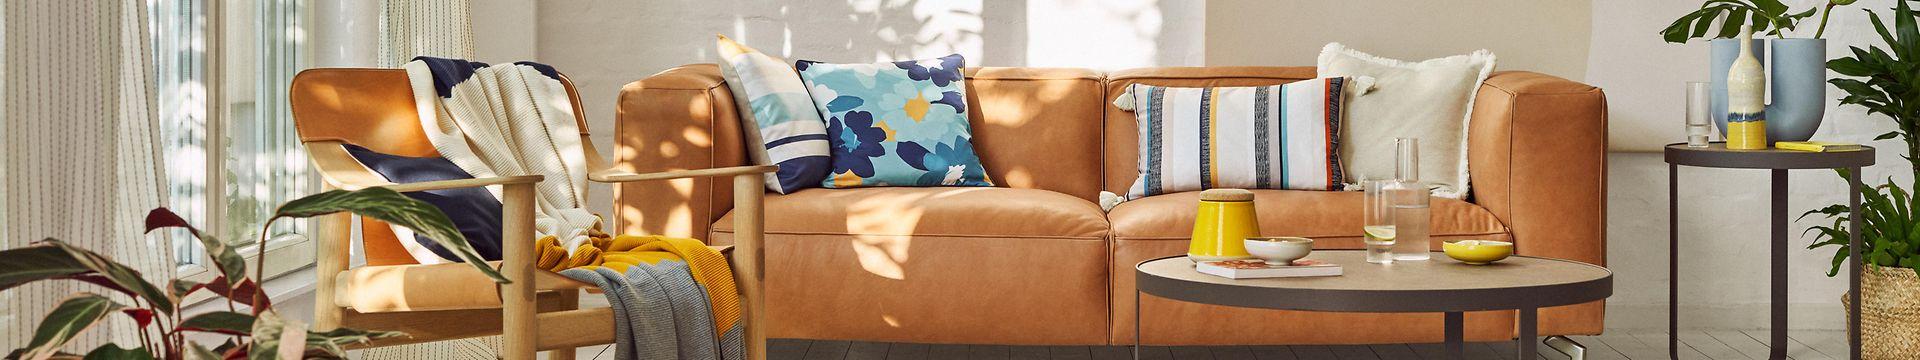 102021 - Home - Livingroom - TC Banner - IMG